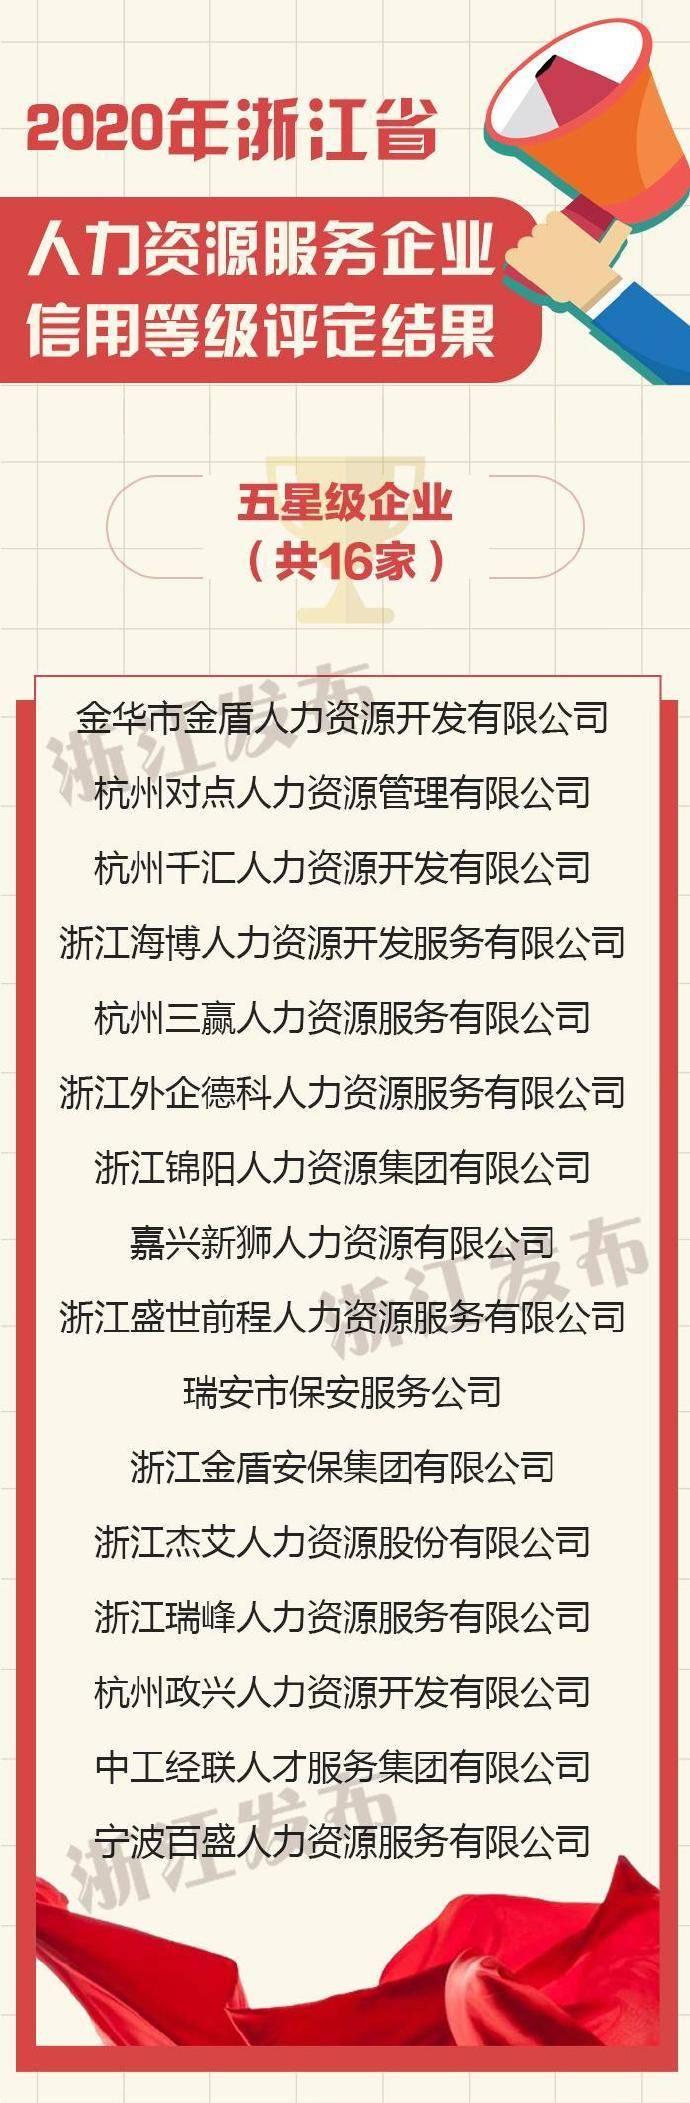 2020年浙江省人力资源服务企业信用等级评定结果出炉